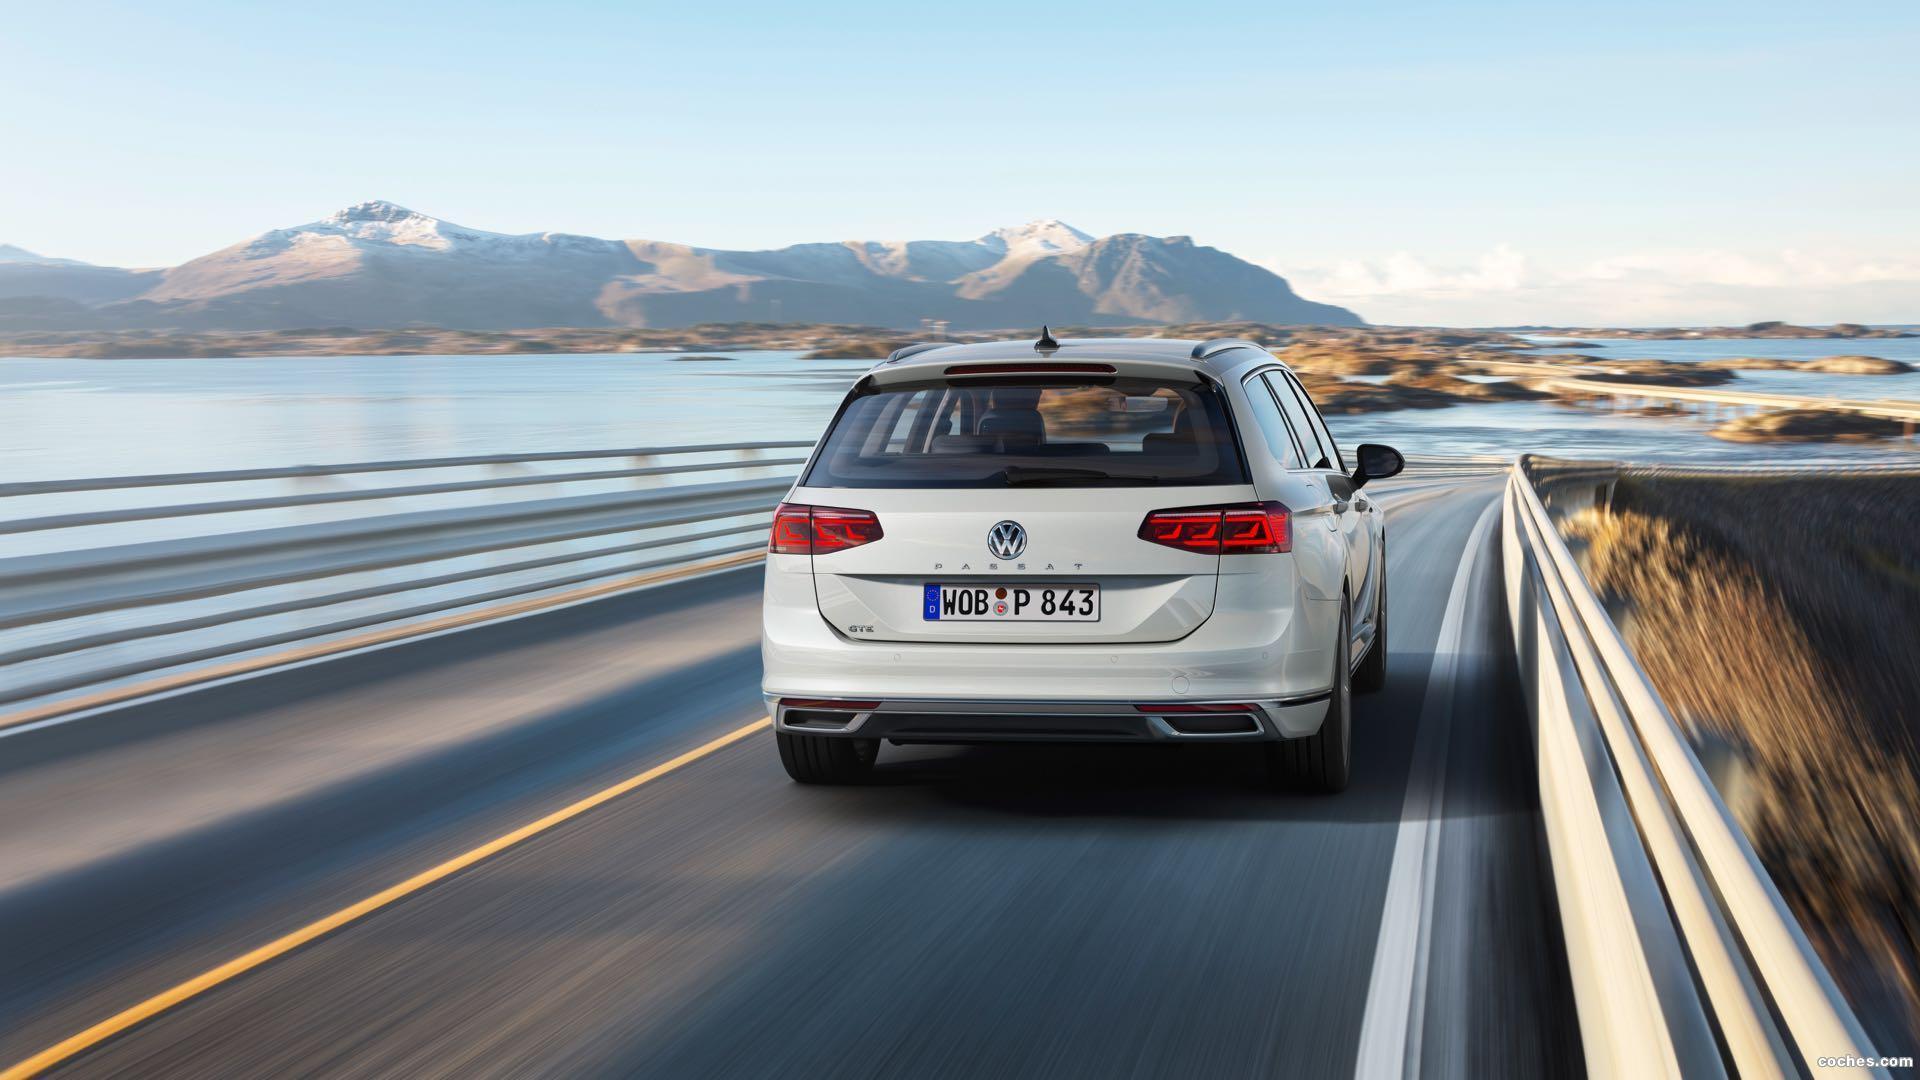 Foto 1 de Volkswagen Passat Variant GTE 2019